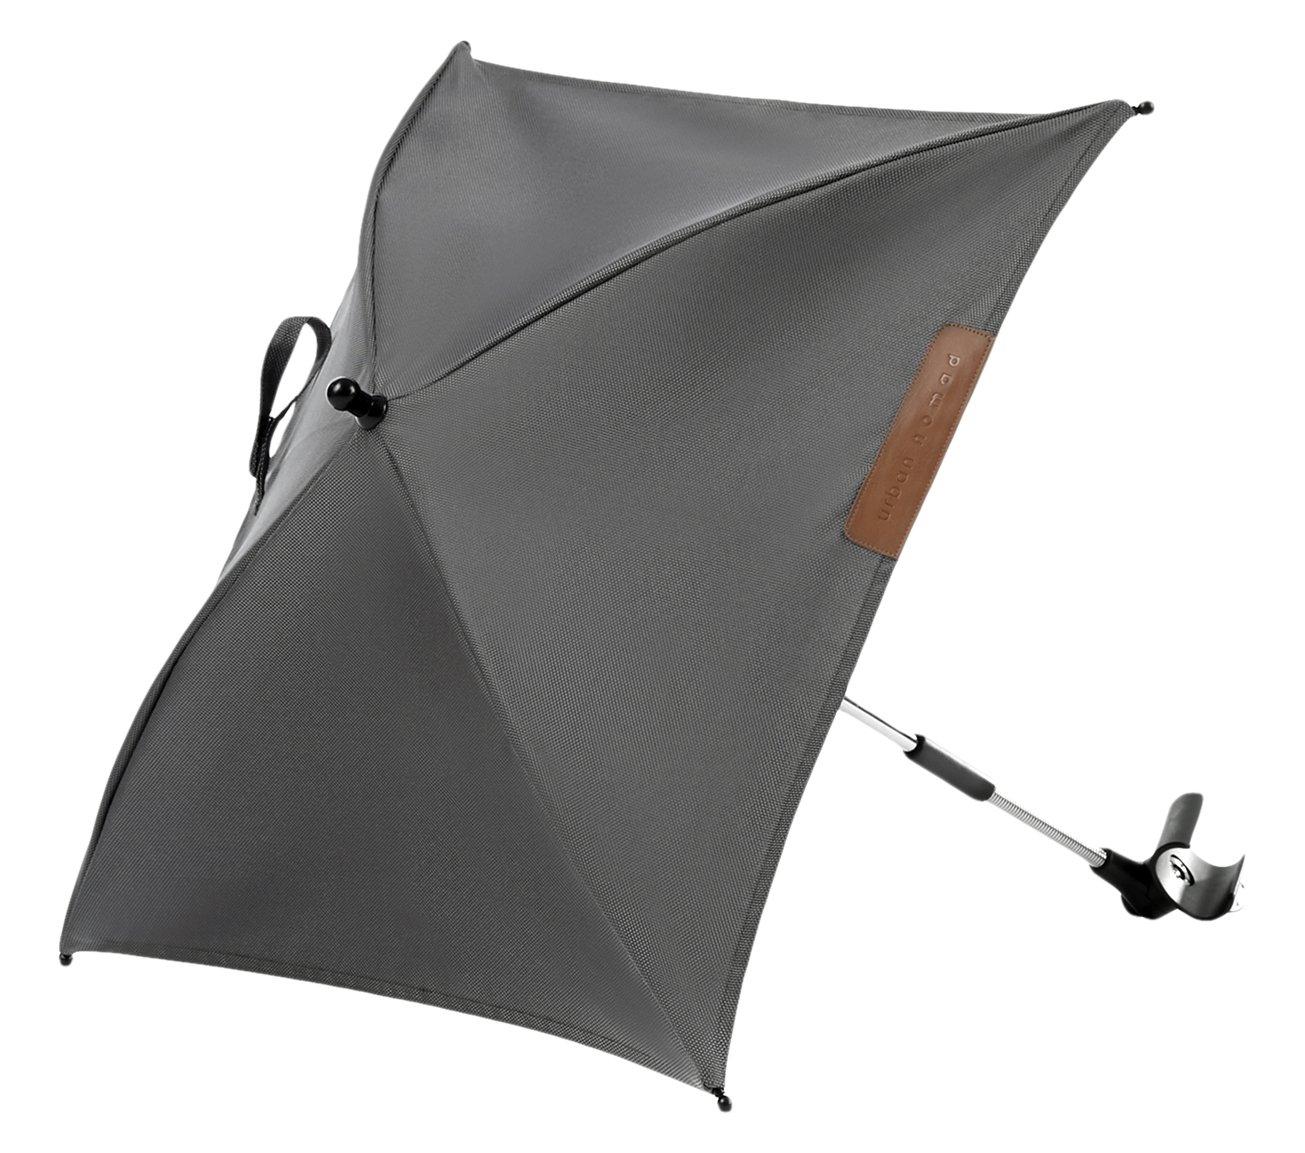 Mutsy Evo Urban Nomad Umbrella, Dark Grey